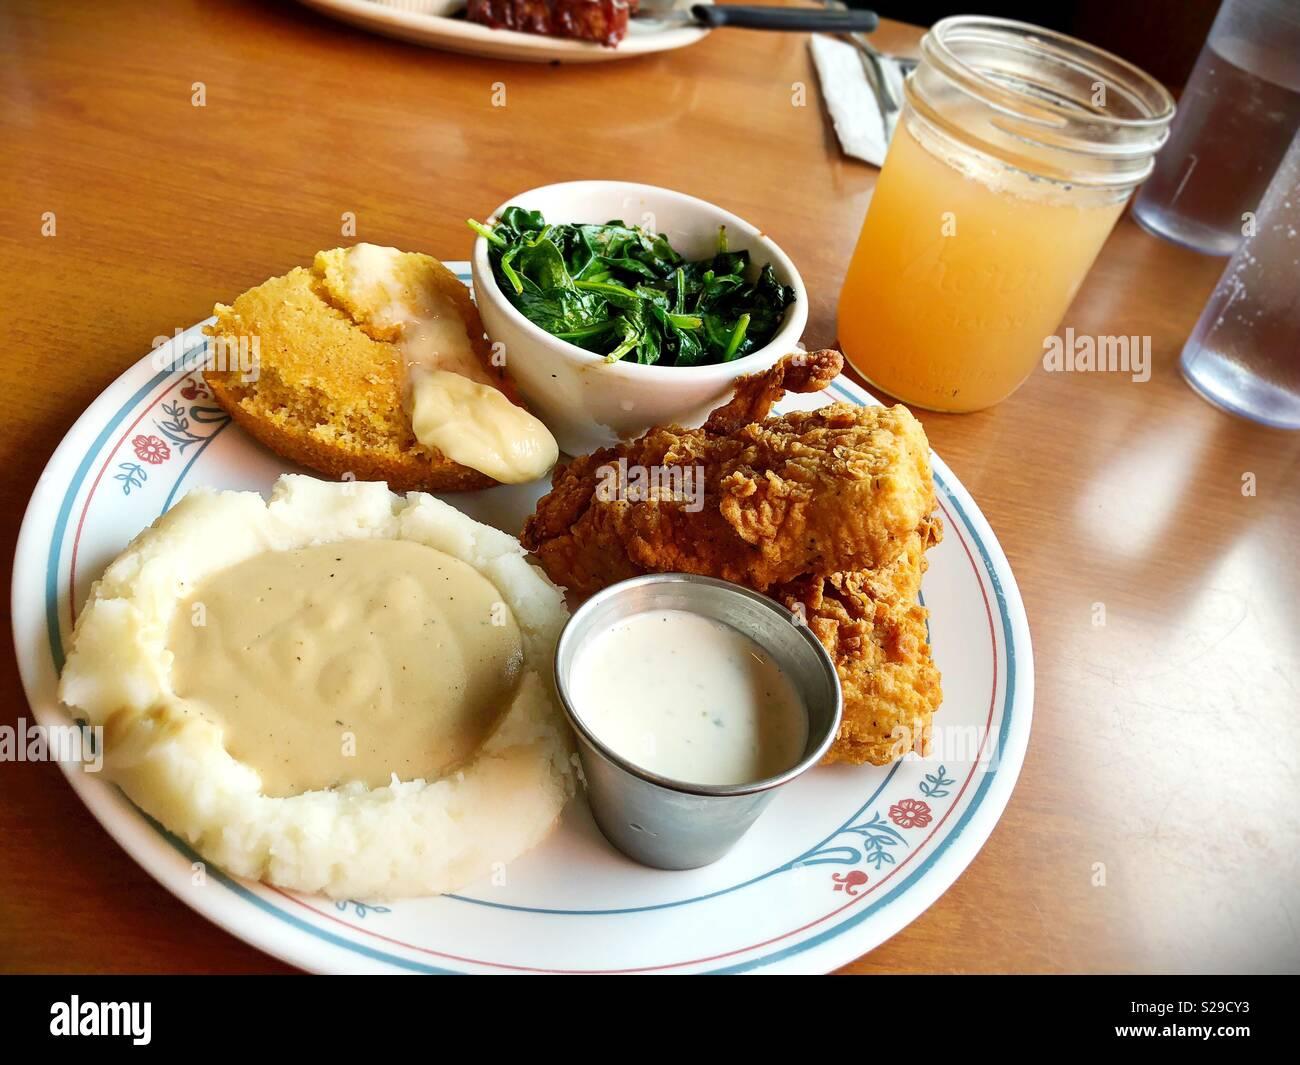 A Plate Of Vegan Comfort Food At Cornbread Cafe In Eugene Oregon